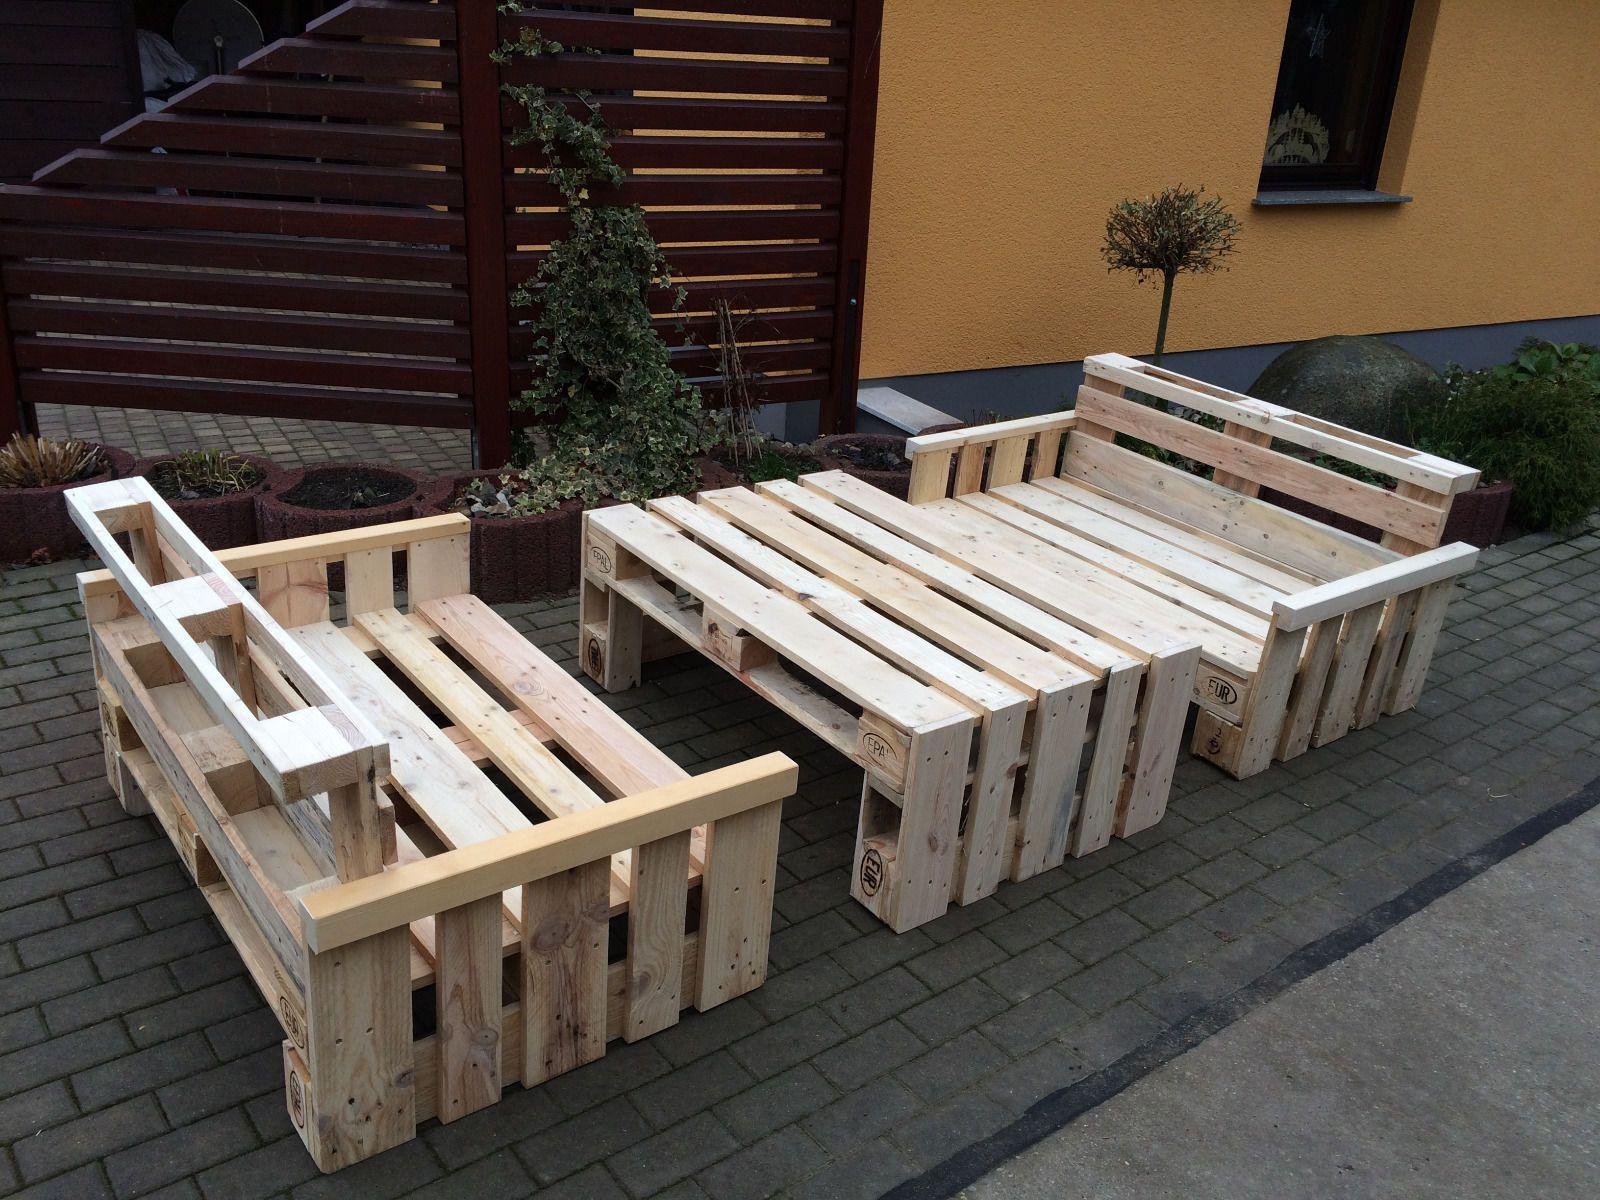 garten sitzecke aus europaletten sitzbank aus europaletten mit fu st tze alles aus. Black Bedroom Furniture Sets. Home Design Ideas